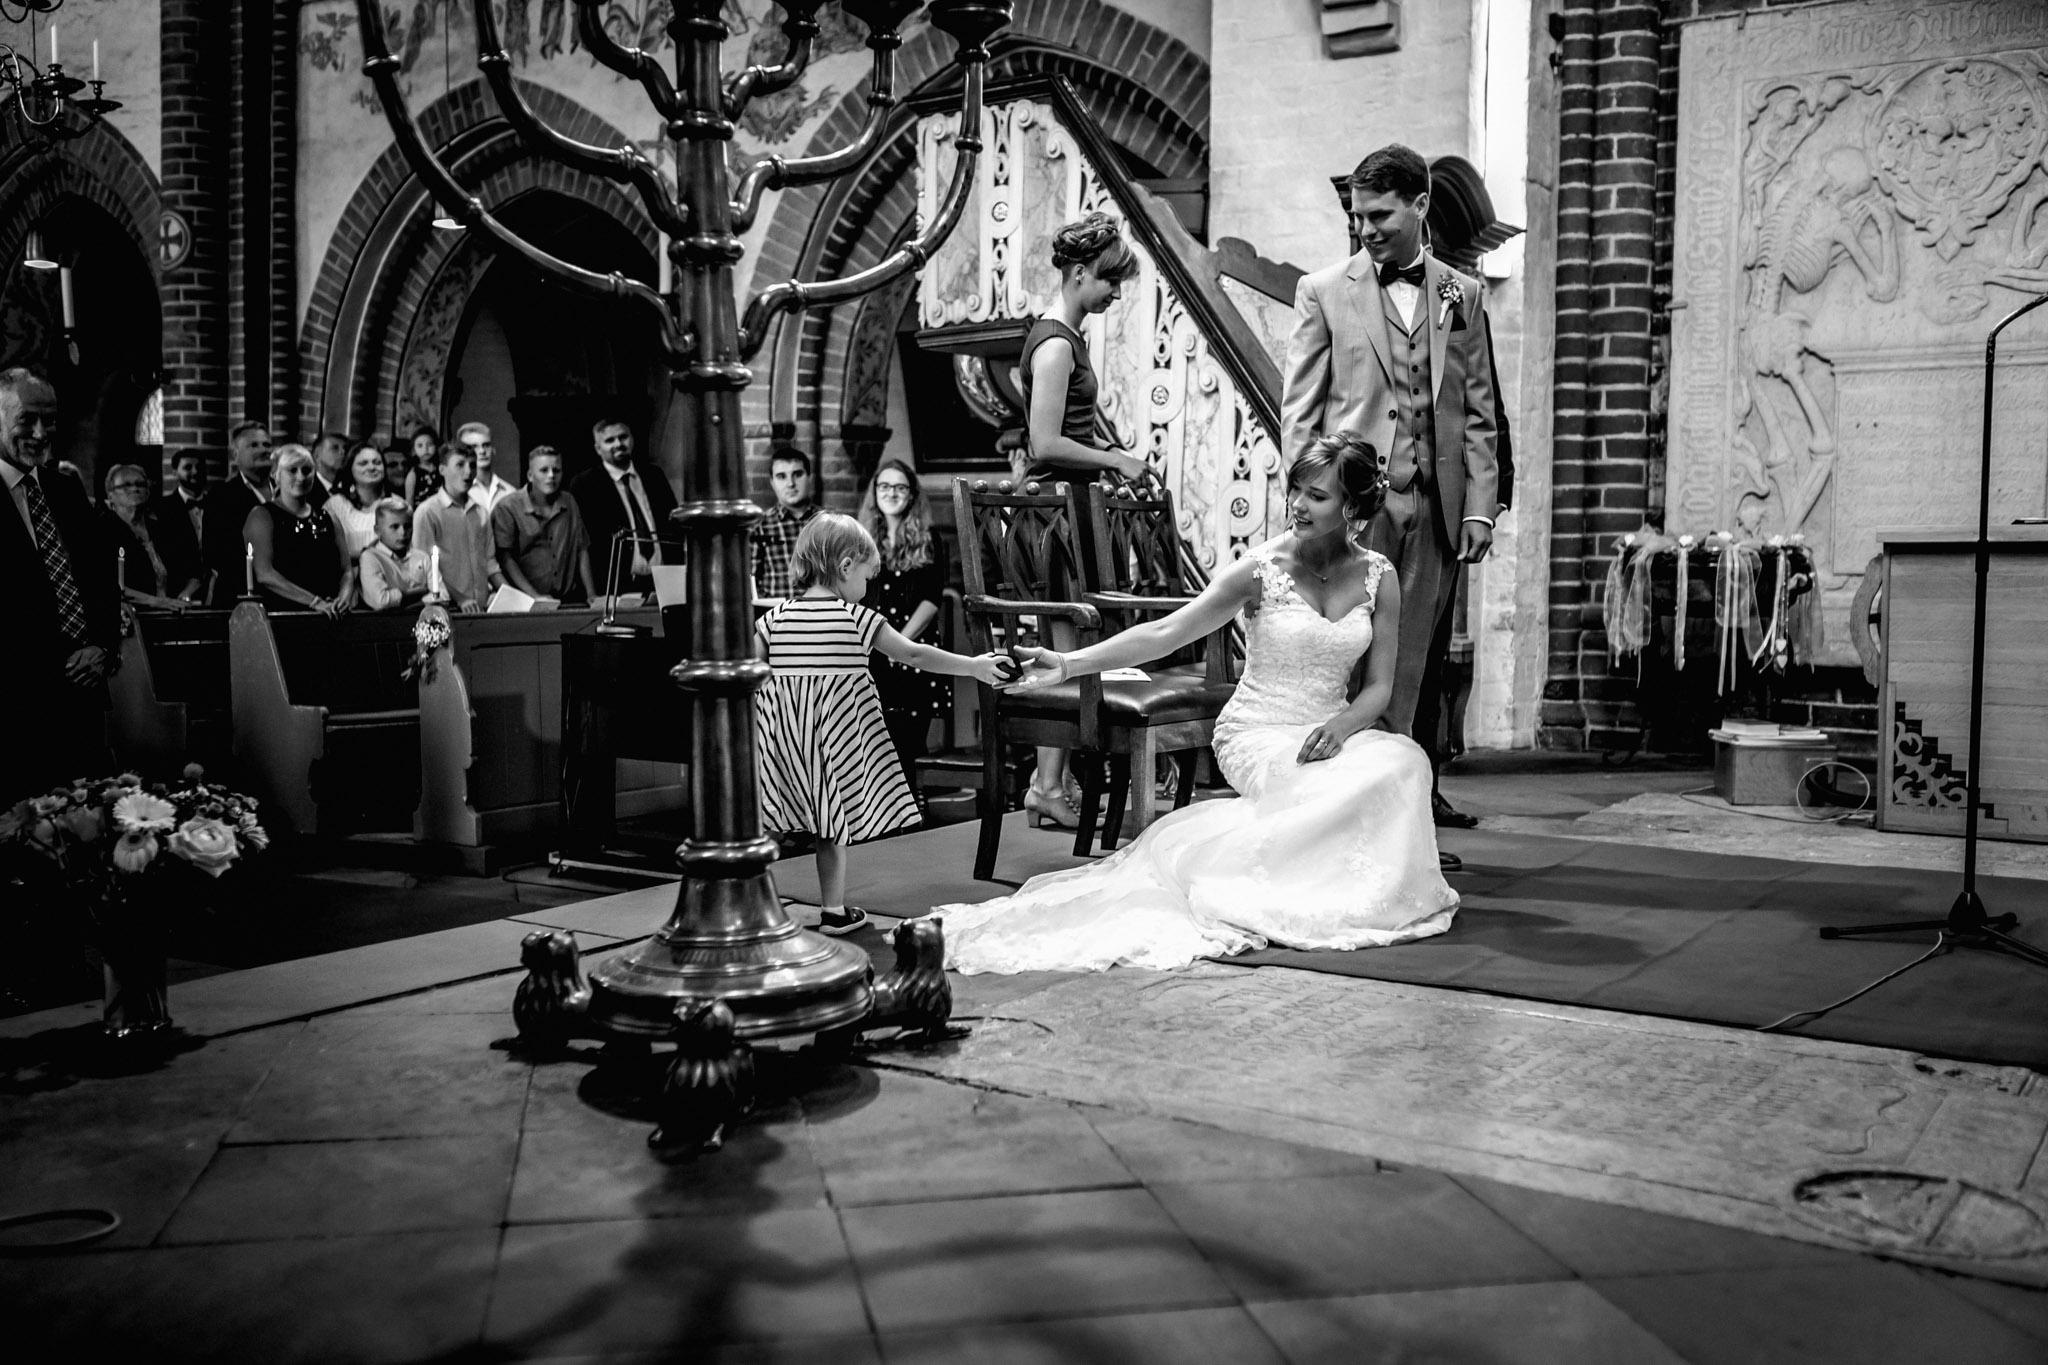 Sven Schomburg Hochzeitsfotografie, Hamburg, Mölln, Hochzeitsfieber by Photo-Schomburg, Hochzeitsreportage, Forsthaus Waldhusen, Braut, Bräutigam-37